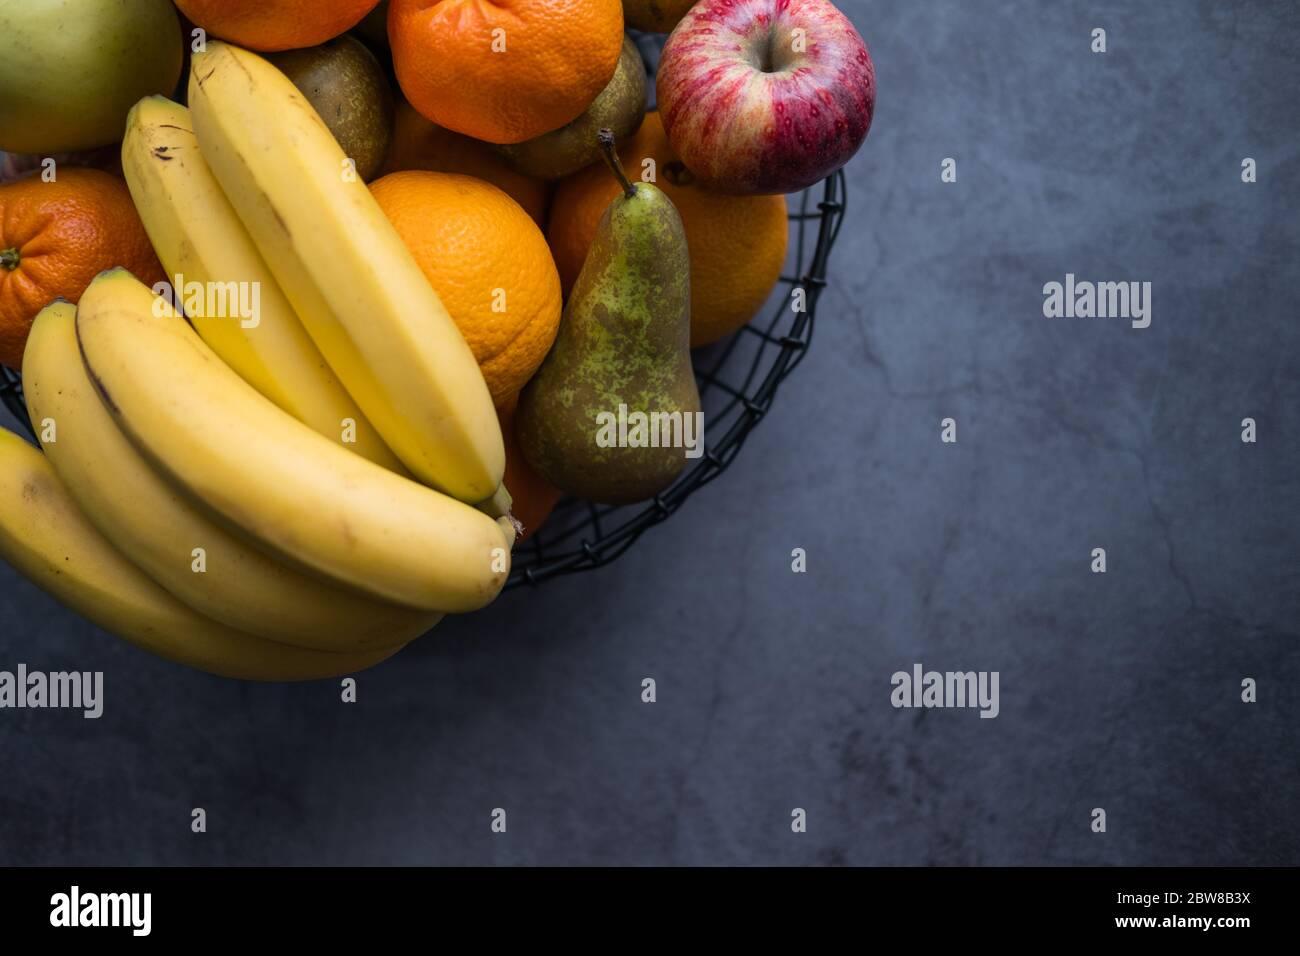 Pommes, bananes, poires, mandarines et oranges sur un bol de fruits sur fond de béton. Une alimentation saine. Vue de dessus. Copier l'espace. Banque D'Images